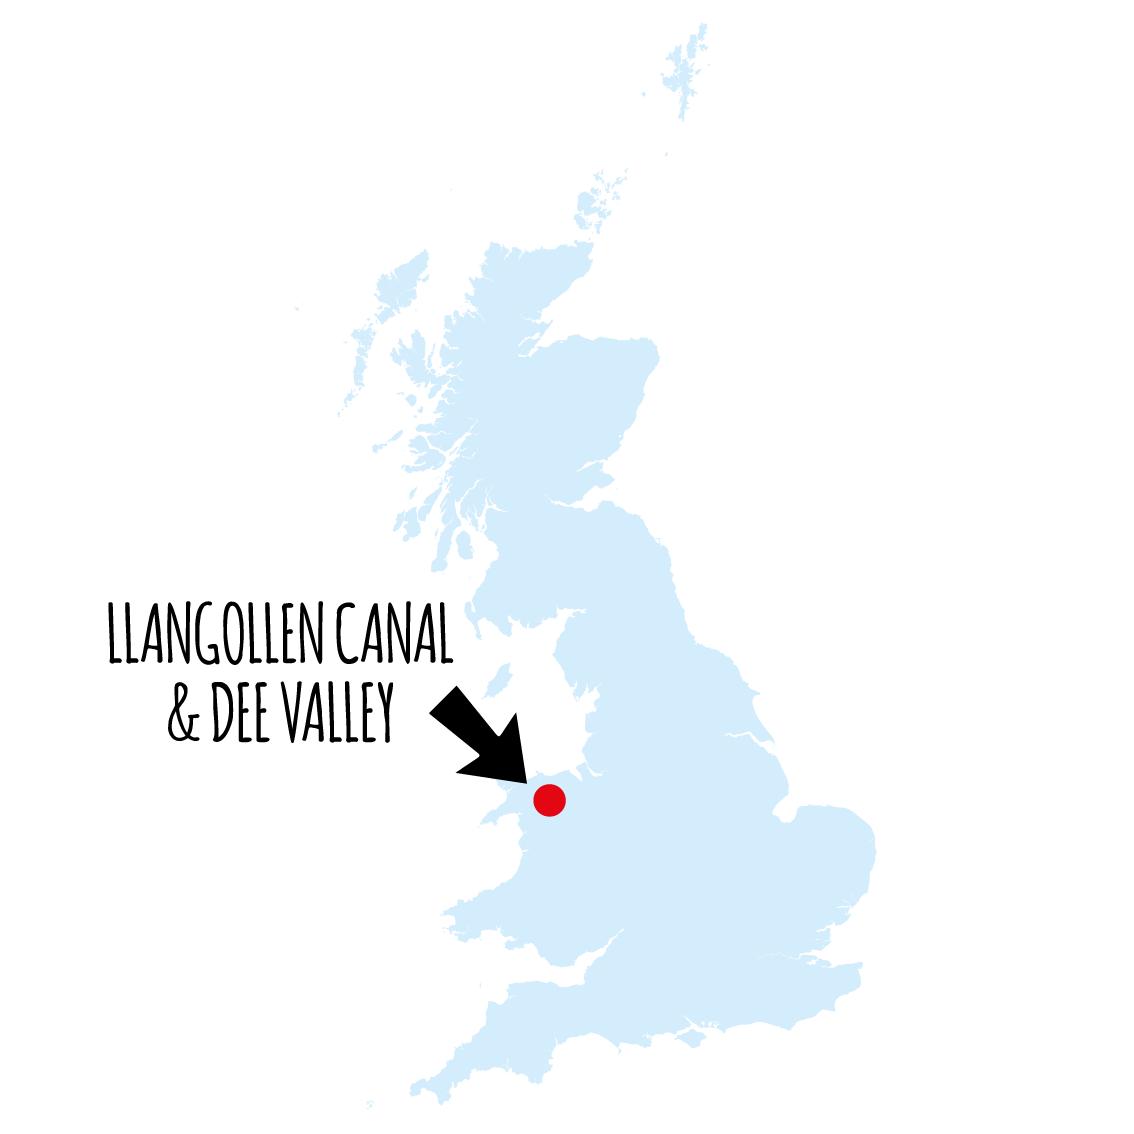 llangollen-canal-dee-valley-map.png